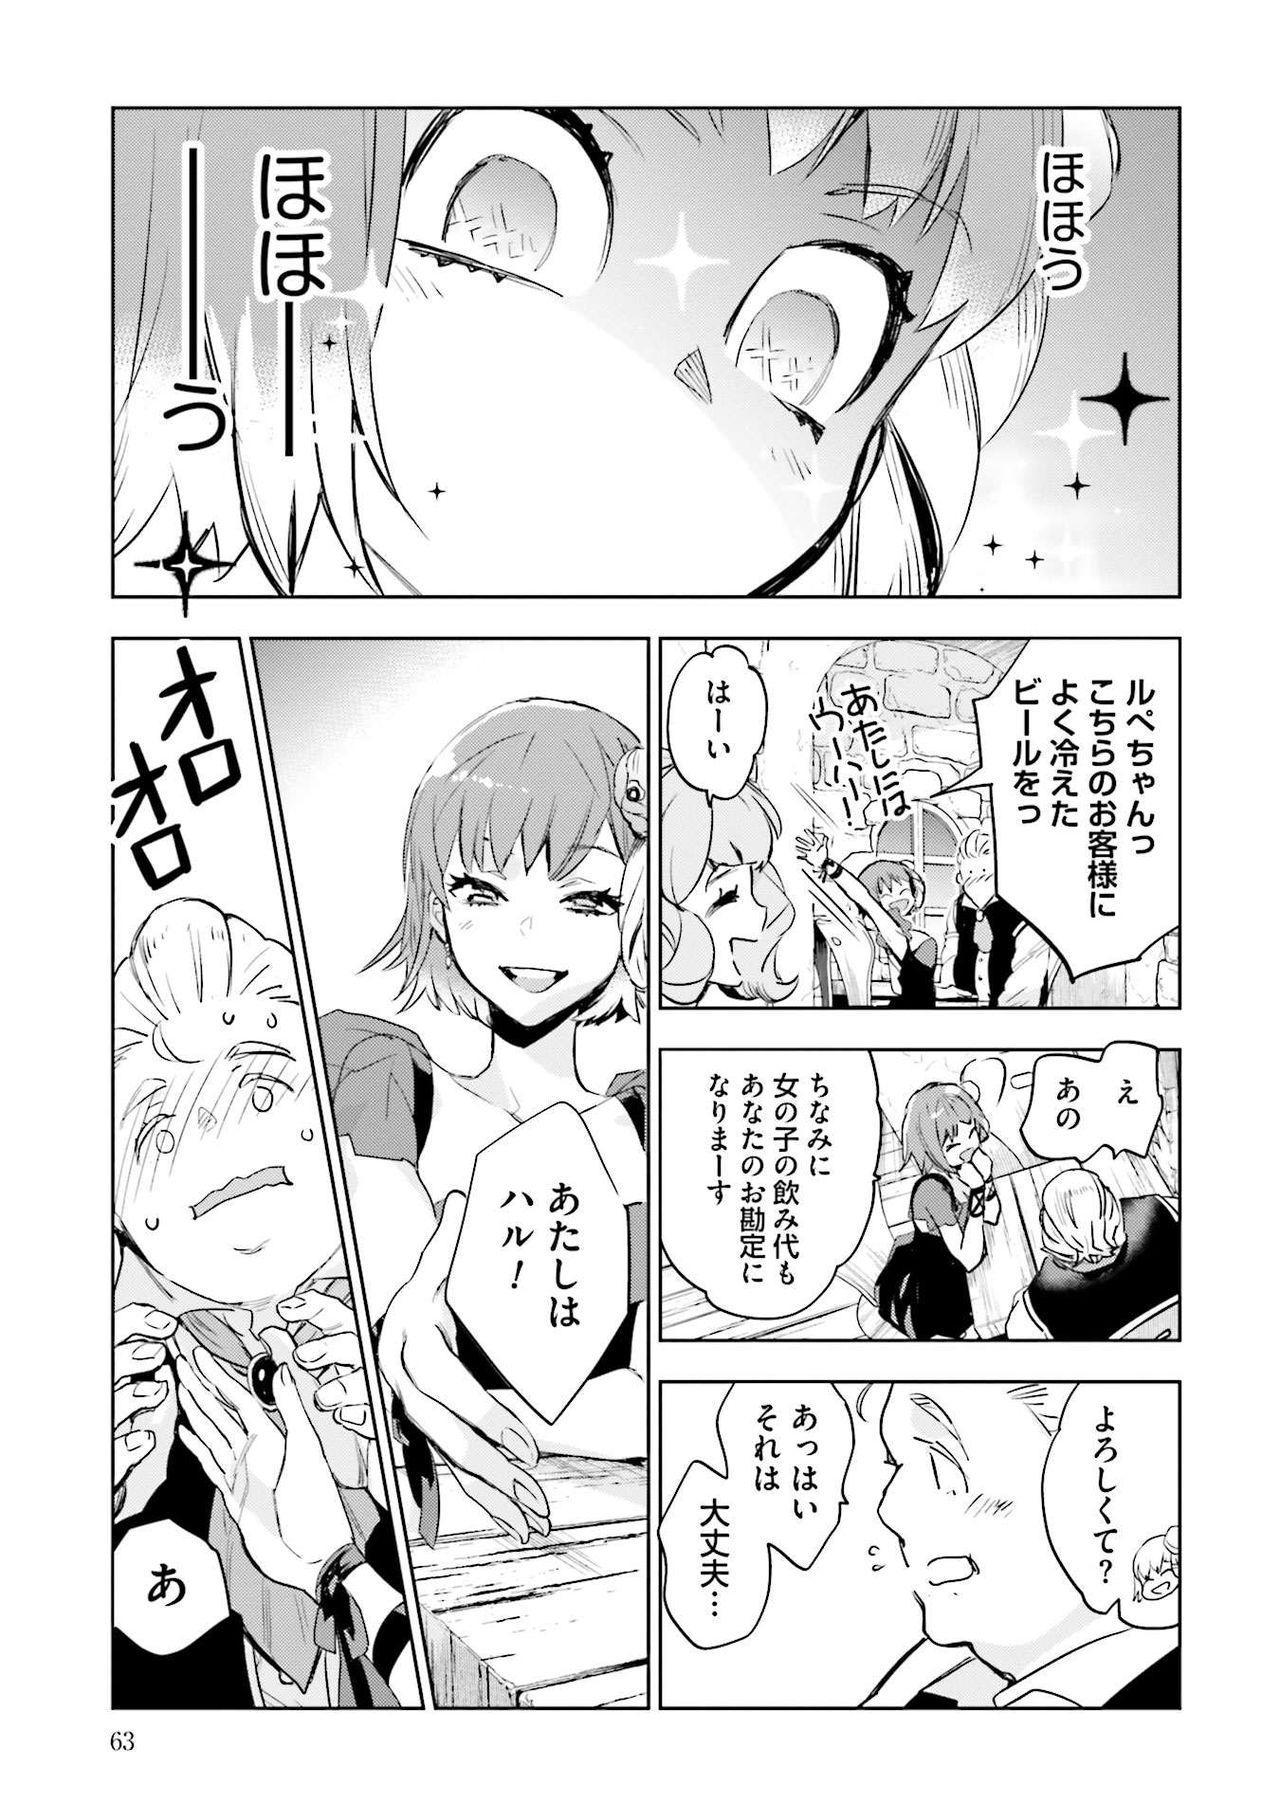 JK Haru wa Isekai de Shoufu ni Natta 1-14 64